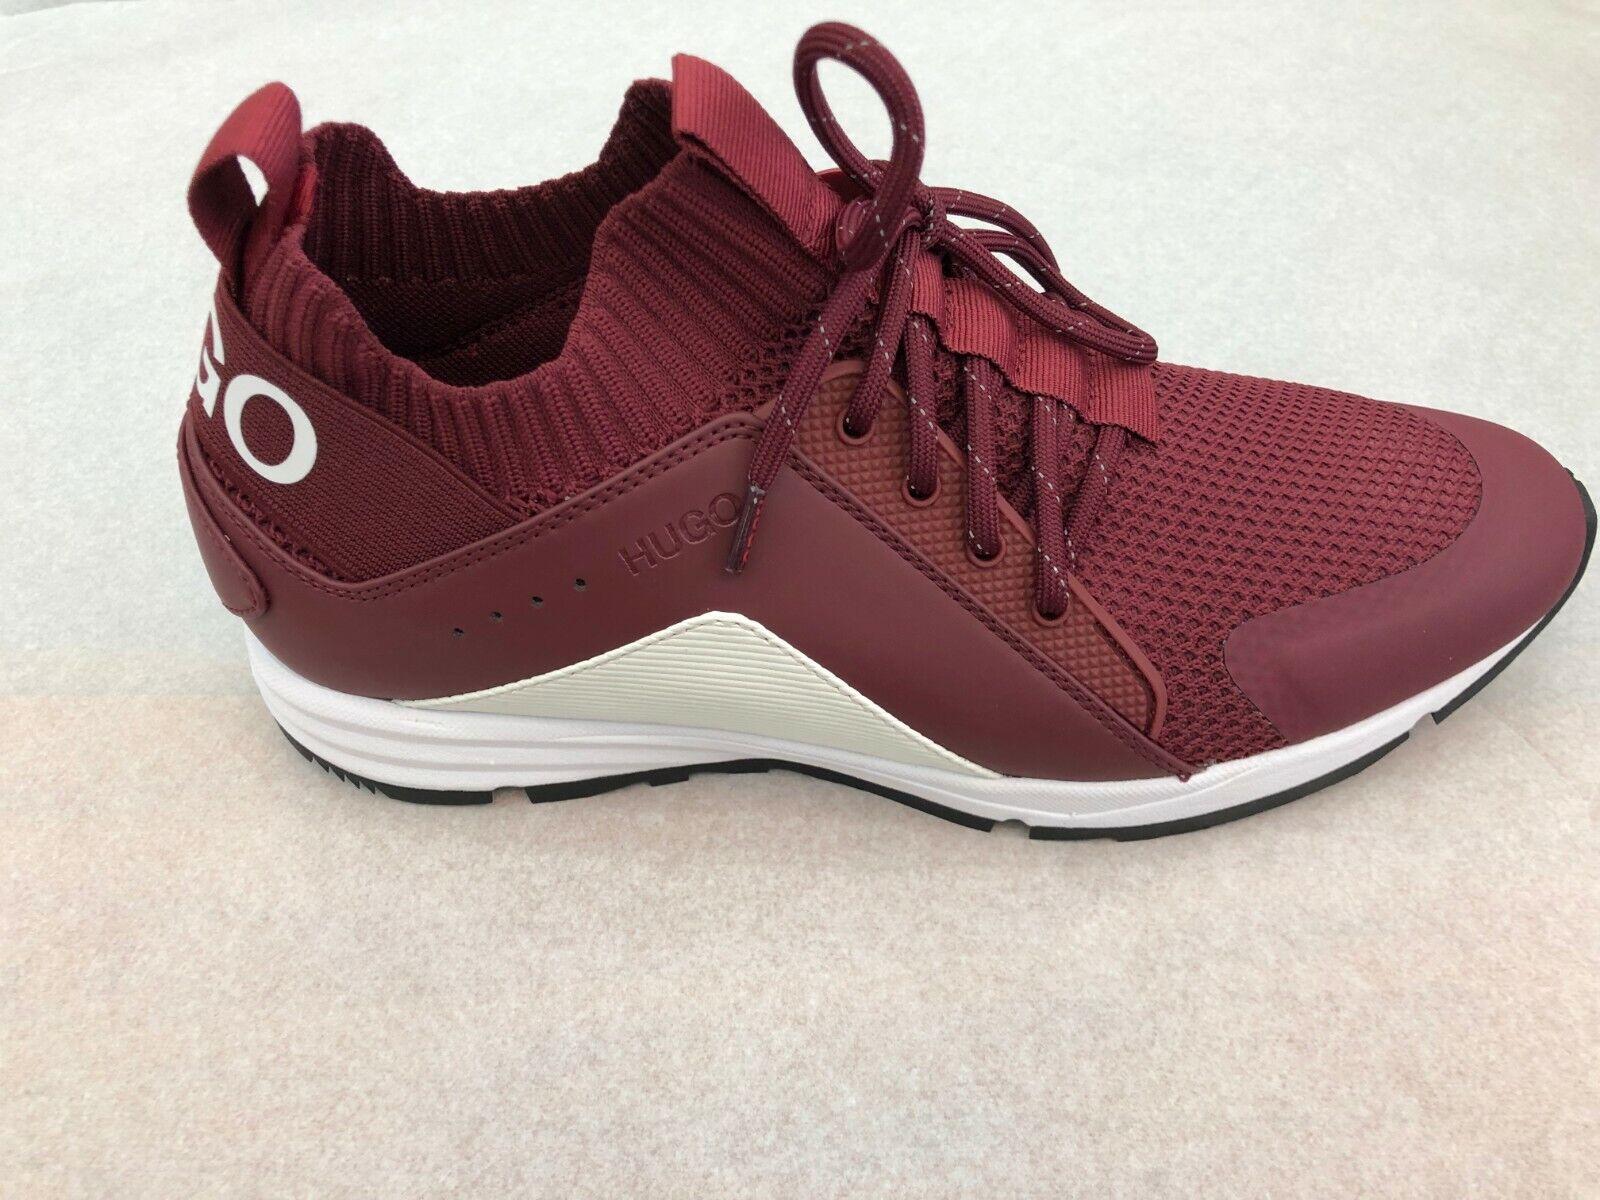 BOSS HUGO BOSS Men's scarpe da ginnastica Hybrid Runn Knmx In 601 Dk rosso